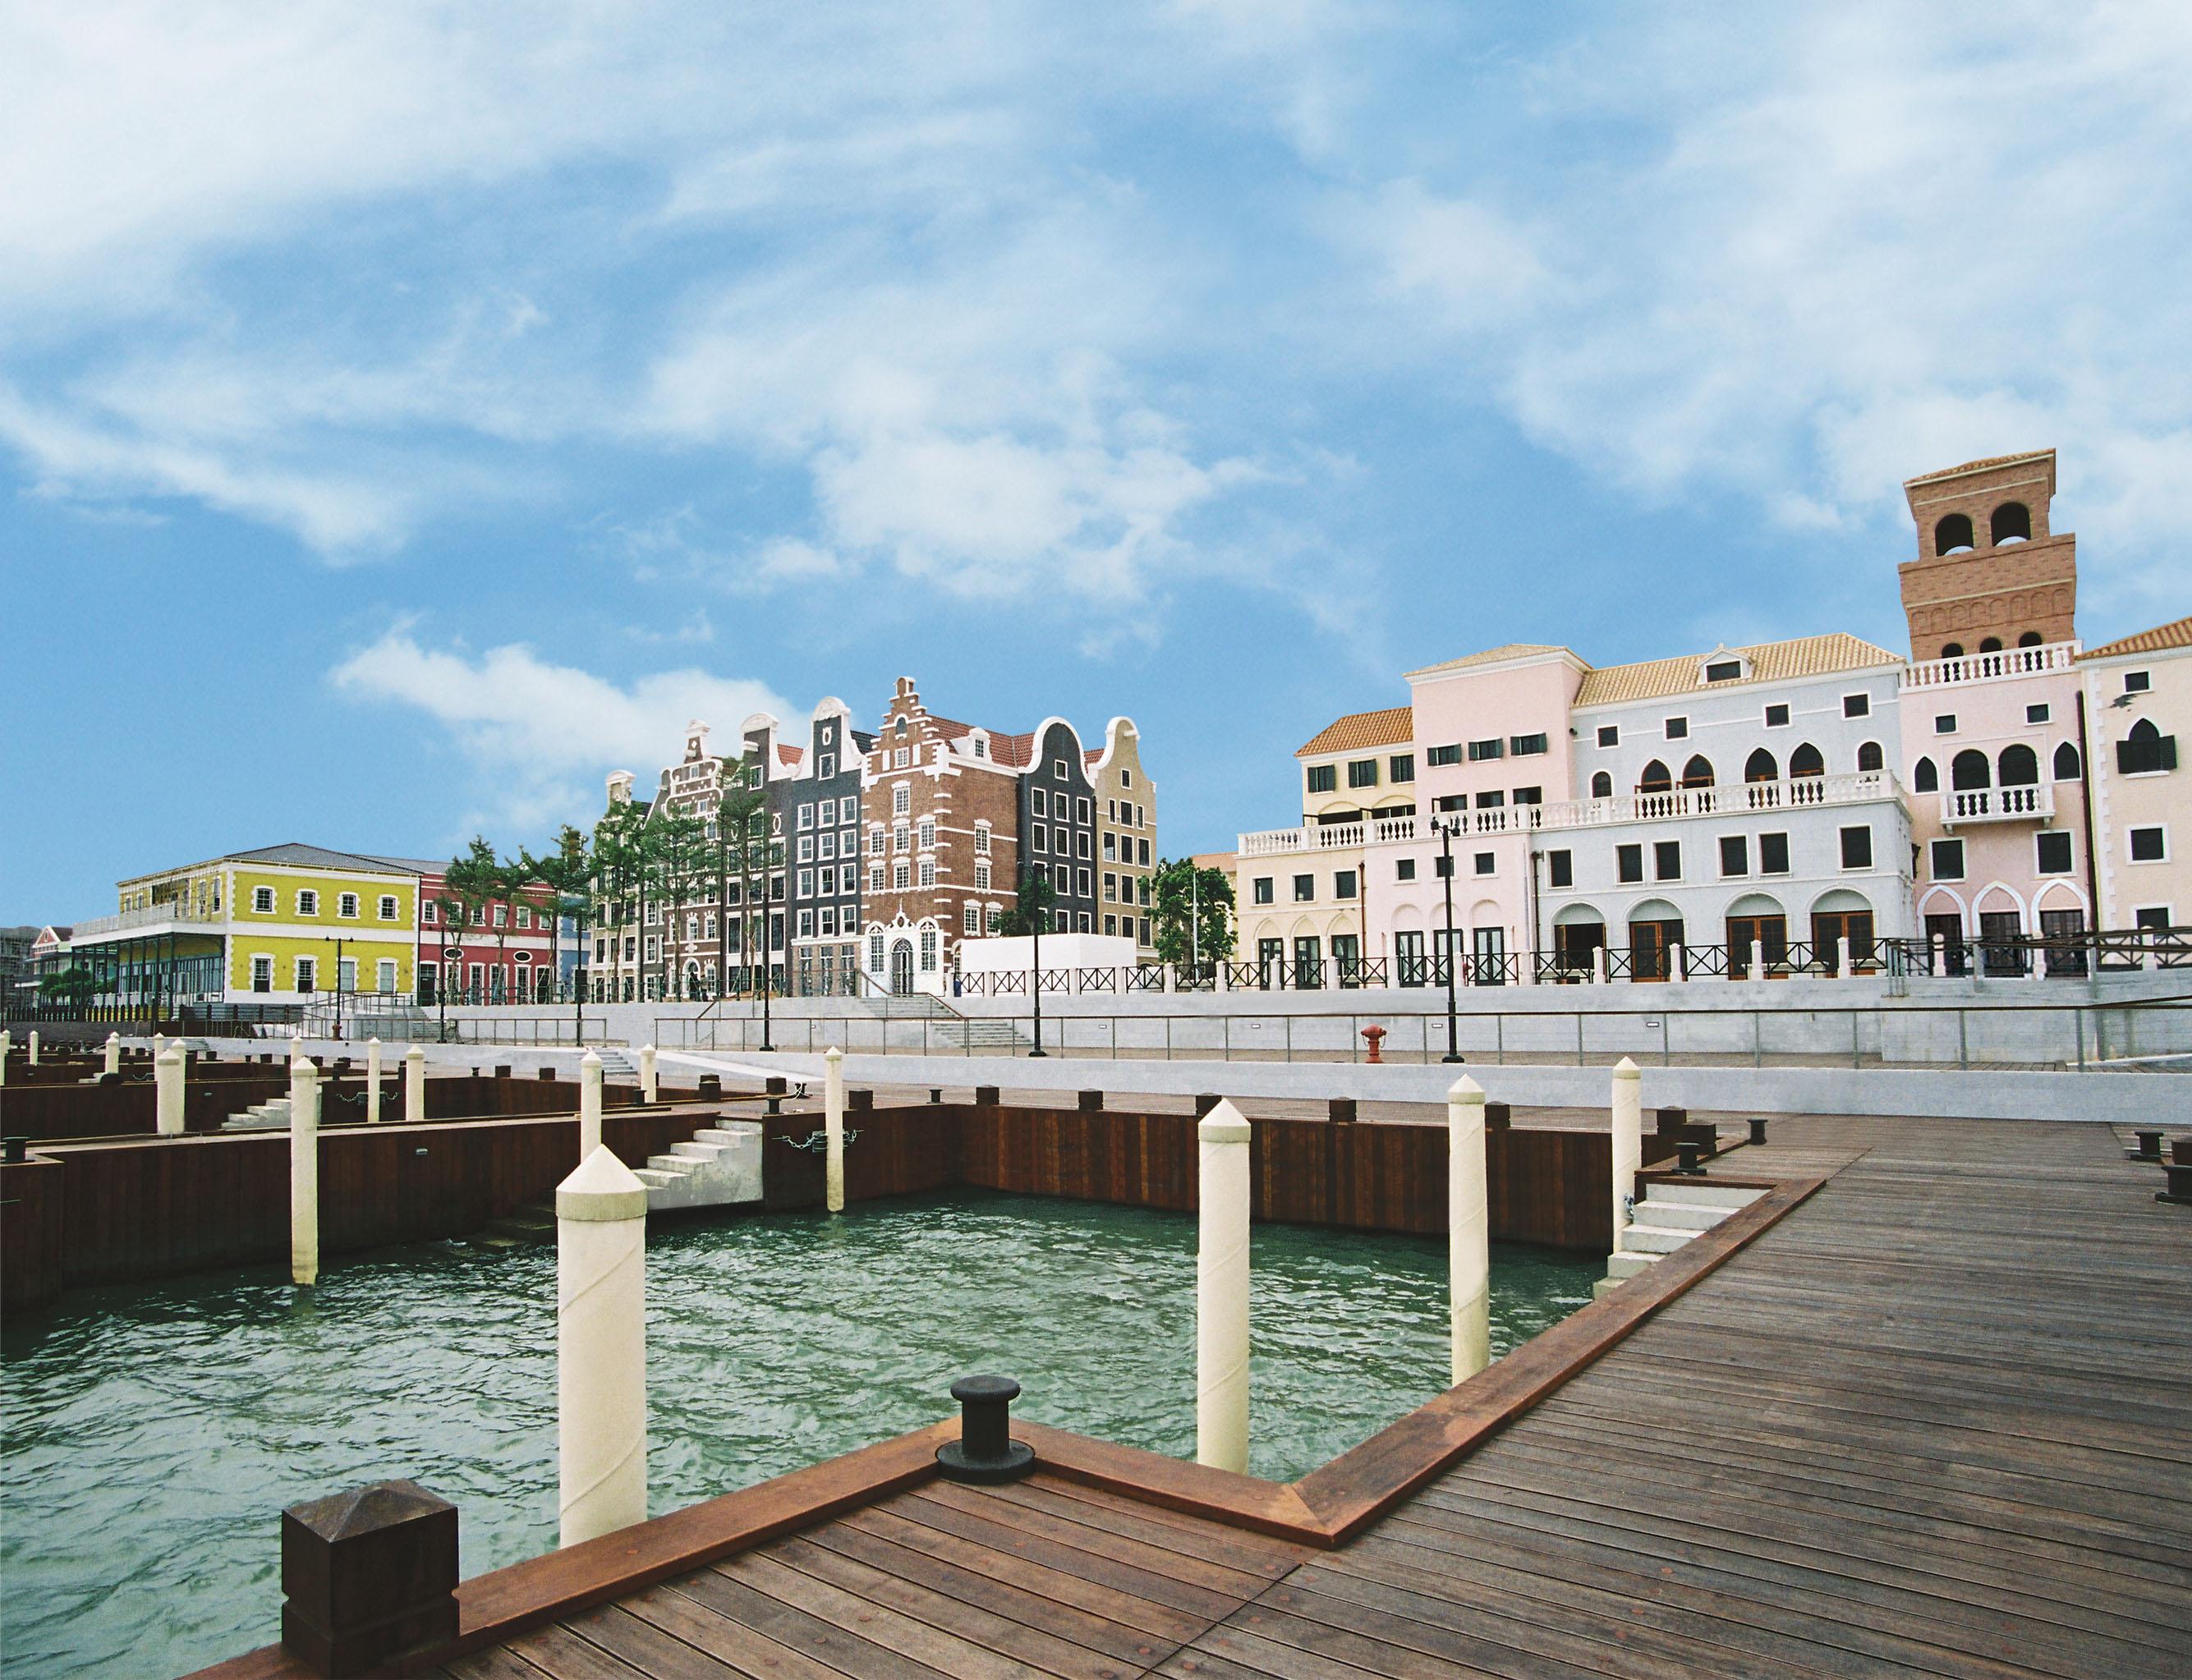 澳门渔人码头_澳门一日游,我想去渔人码头,路环圣方济各圣堂,管也街